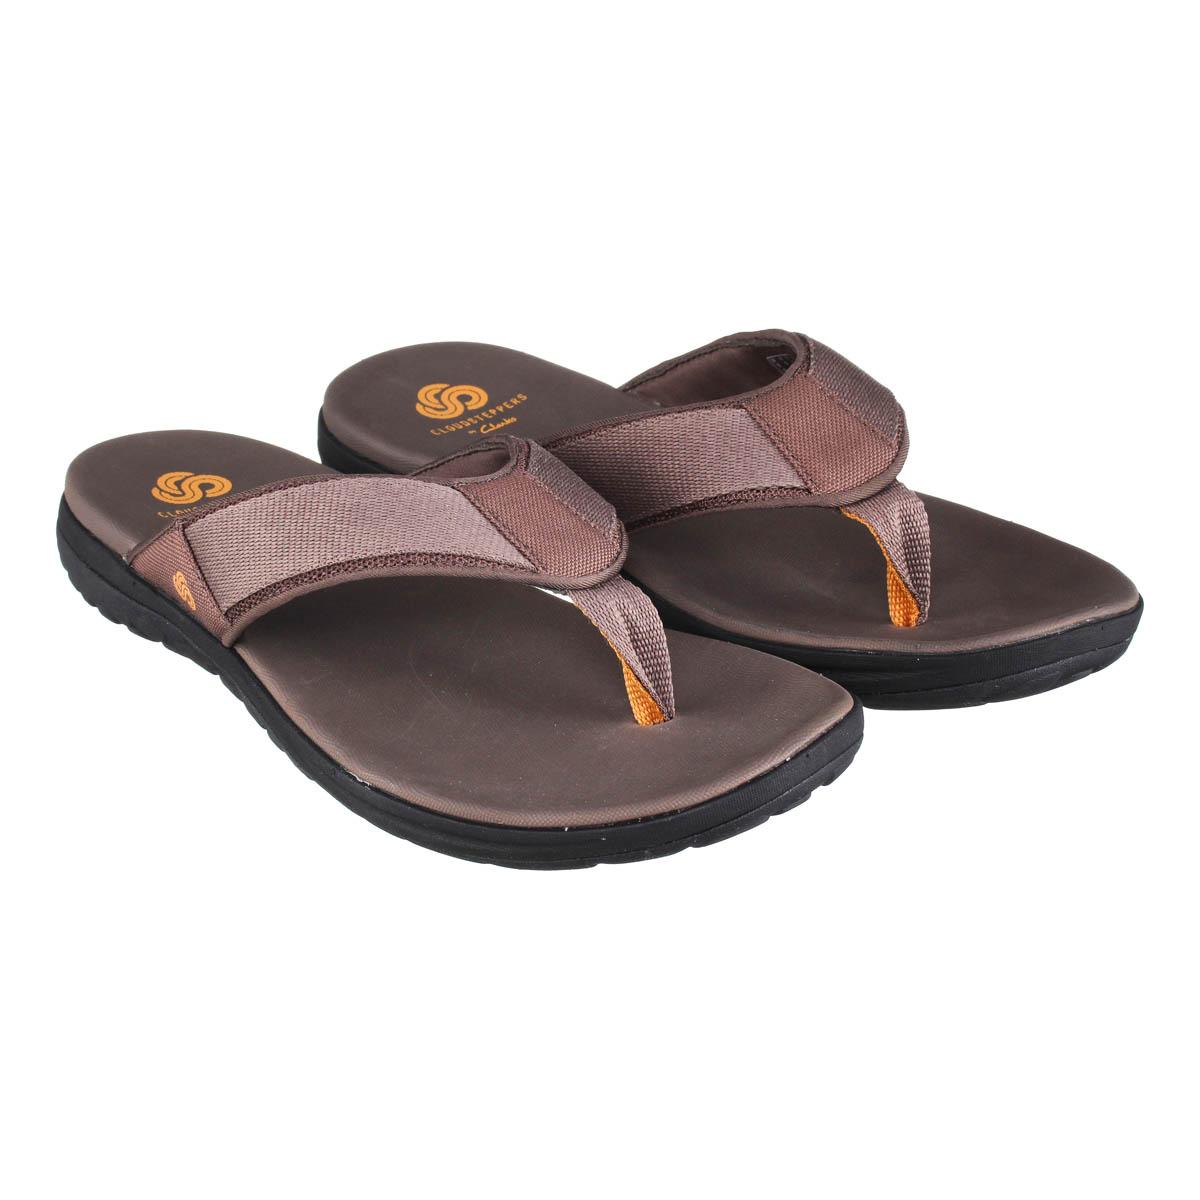 Вьетнамки мужские Clarks Step Beat Dune коричневые 41.5 EU